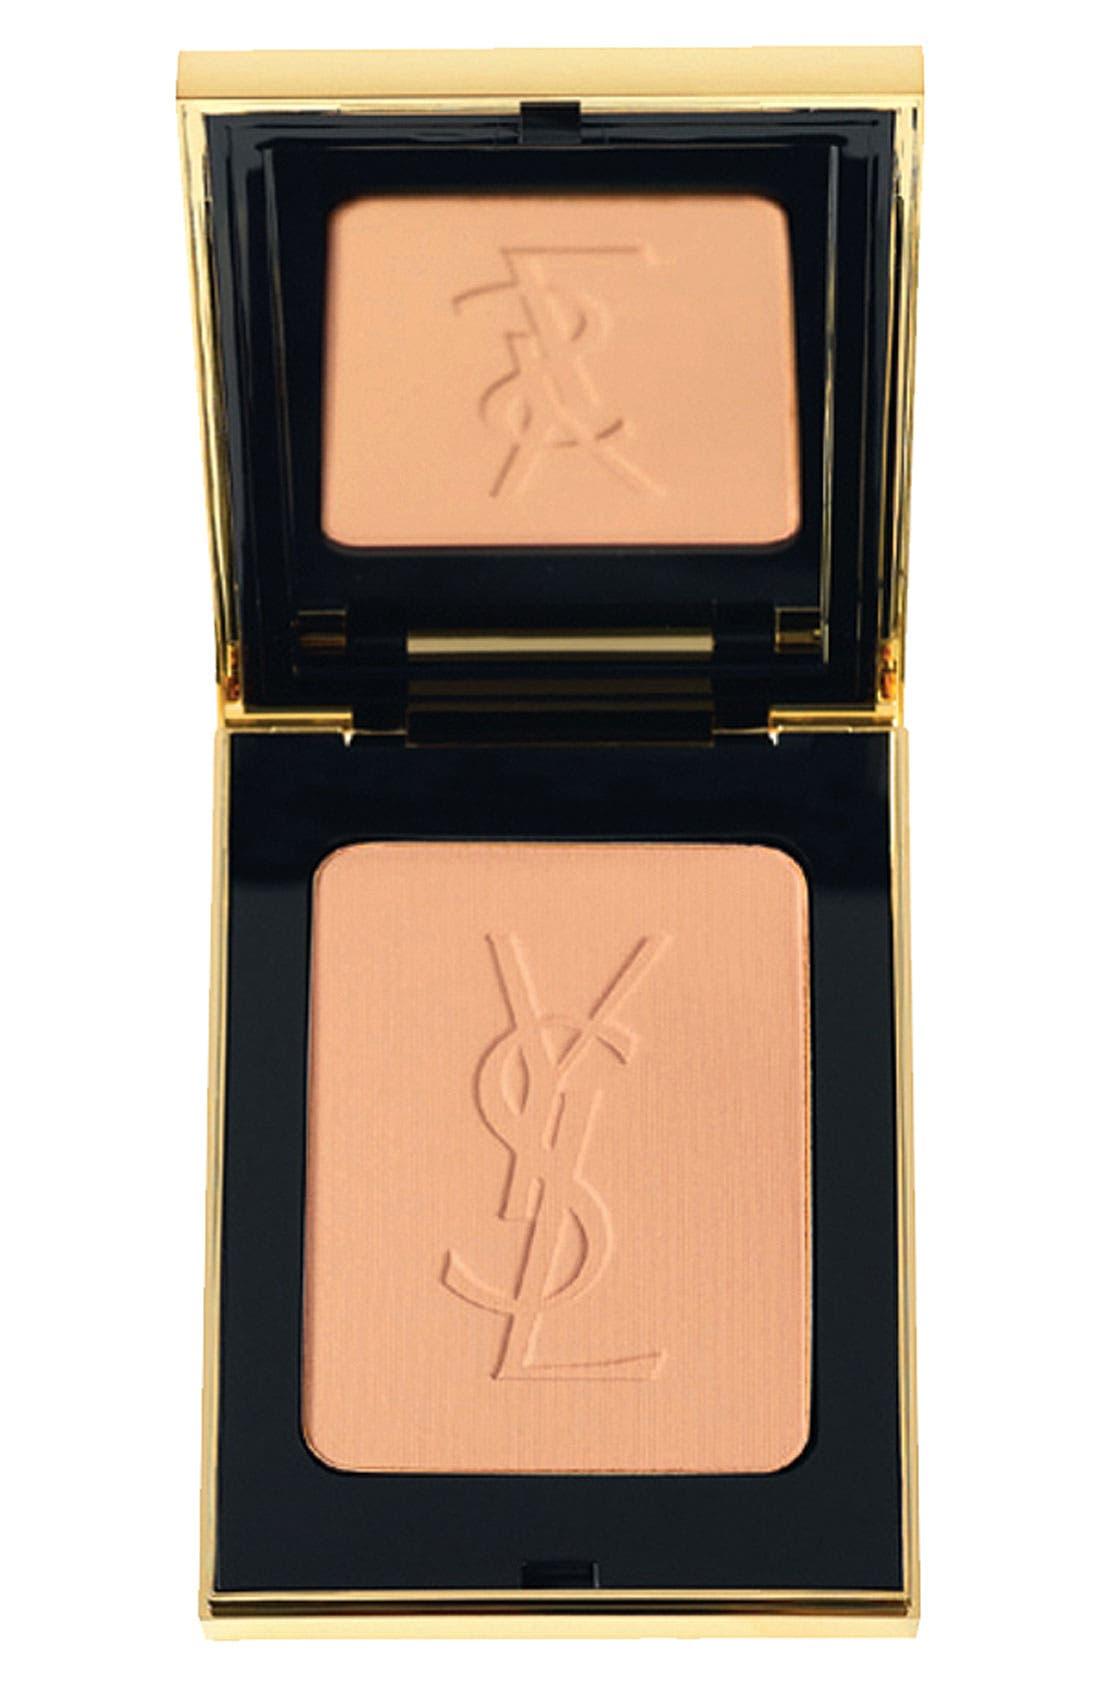 Yves Saint Laurent Poudre Compacte Radiance Setting Powder -